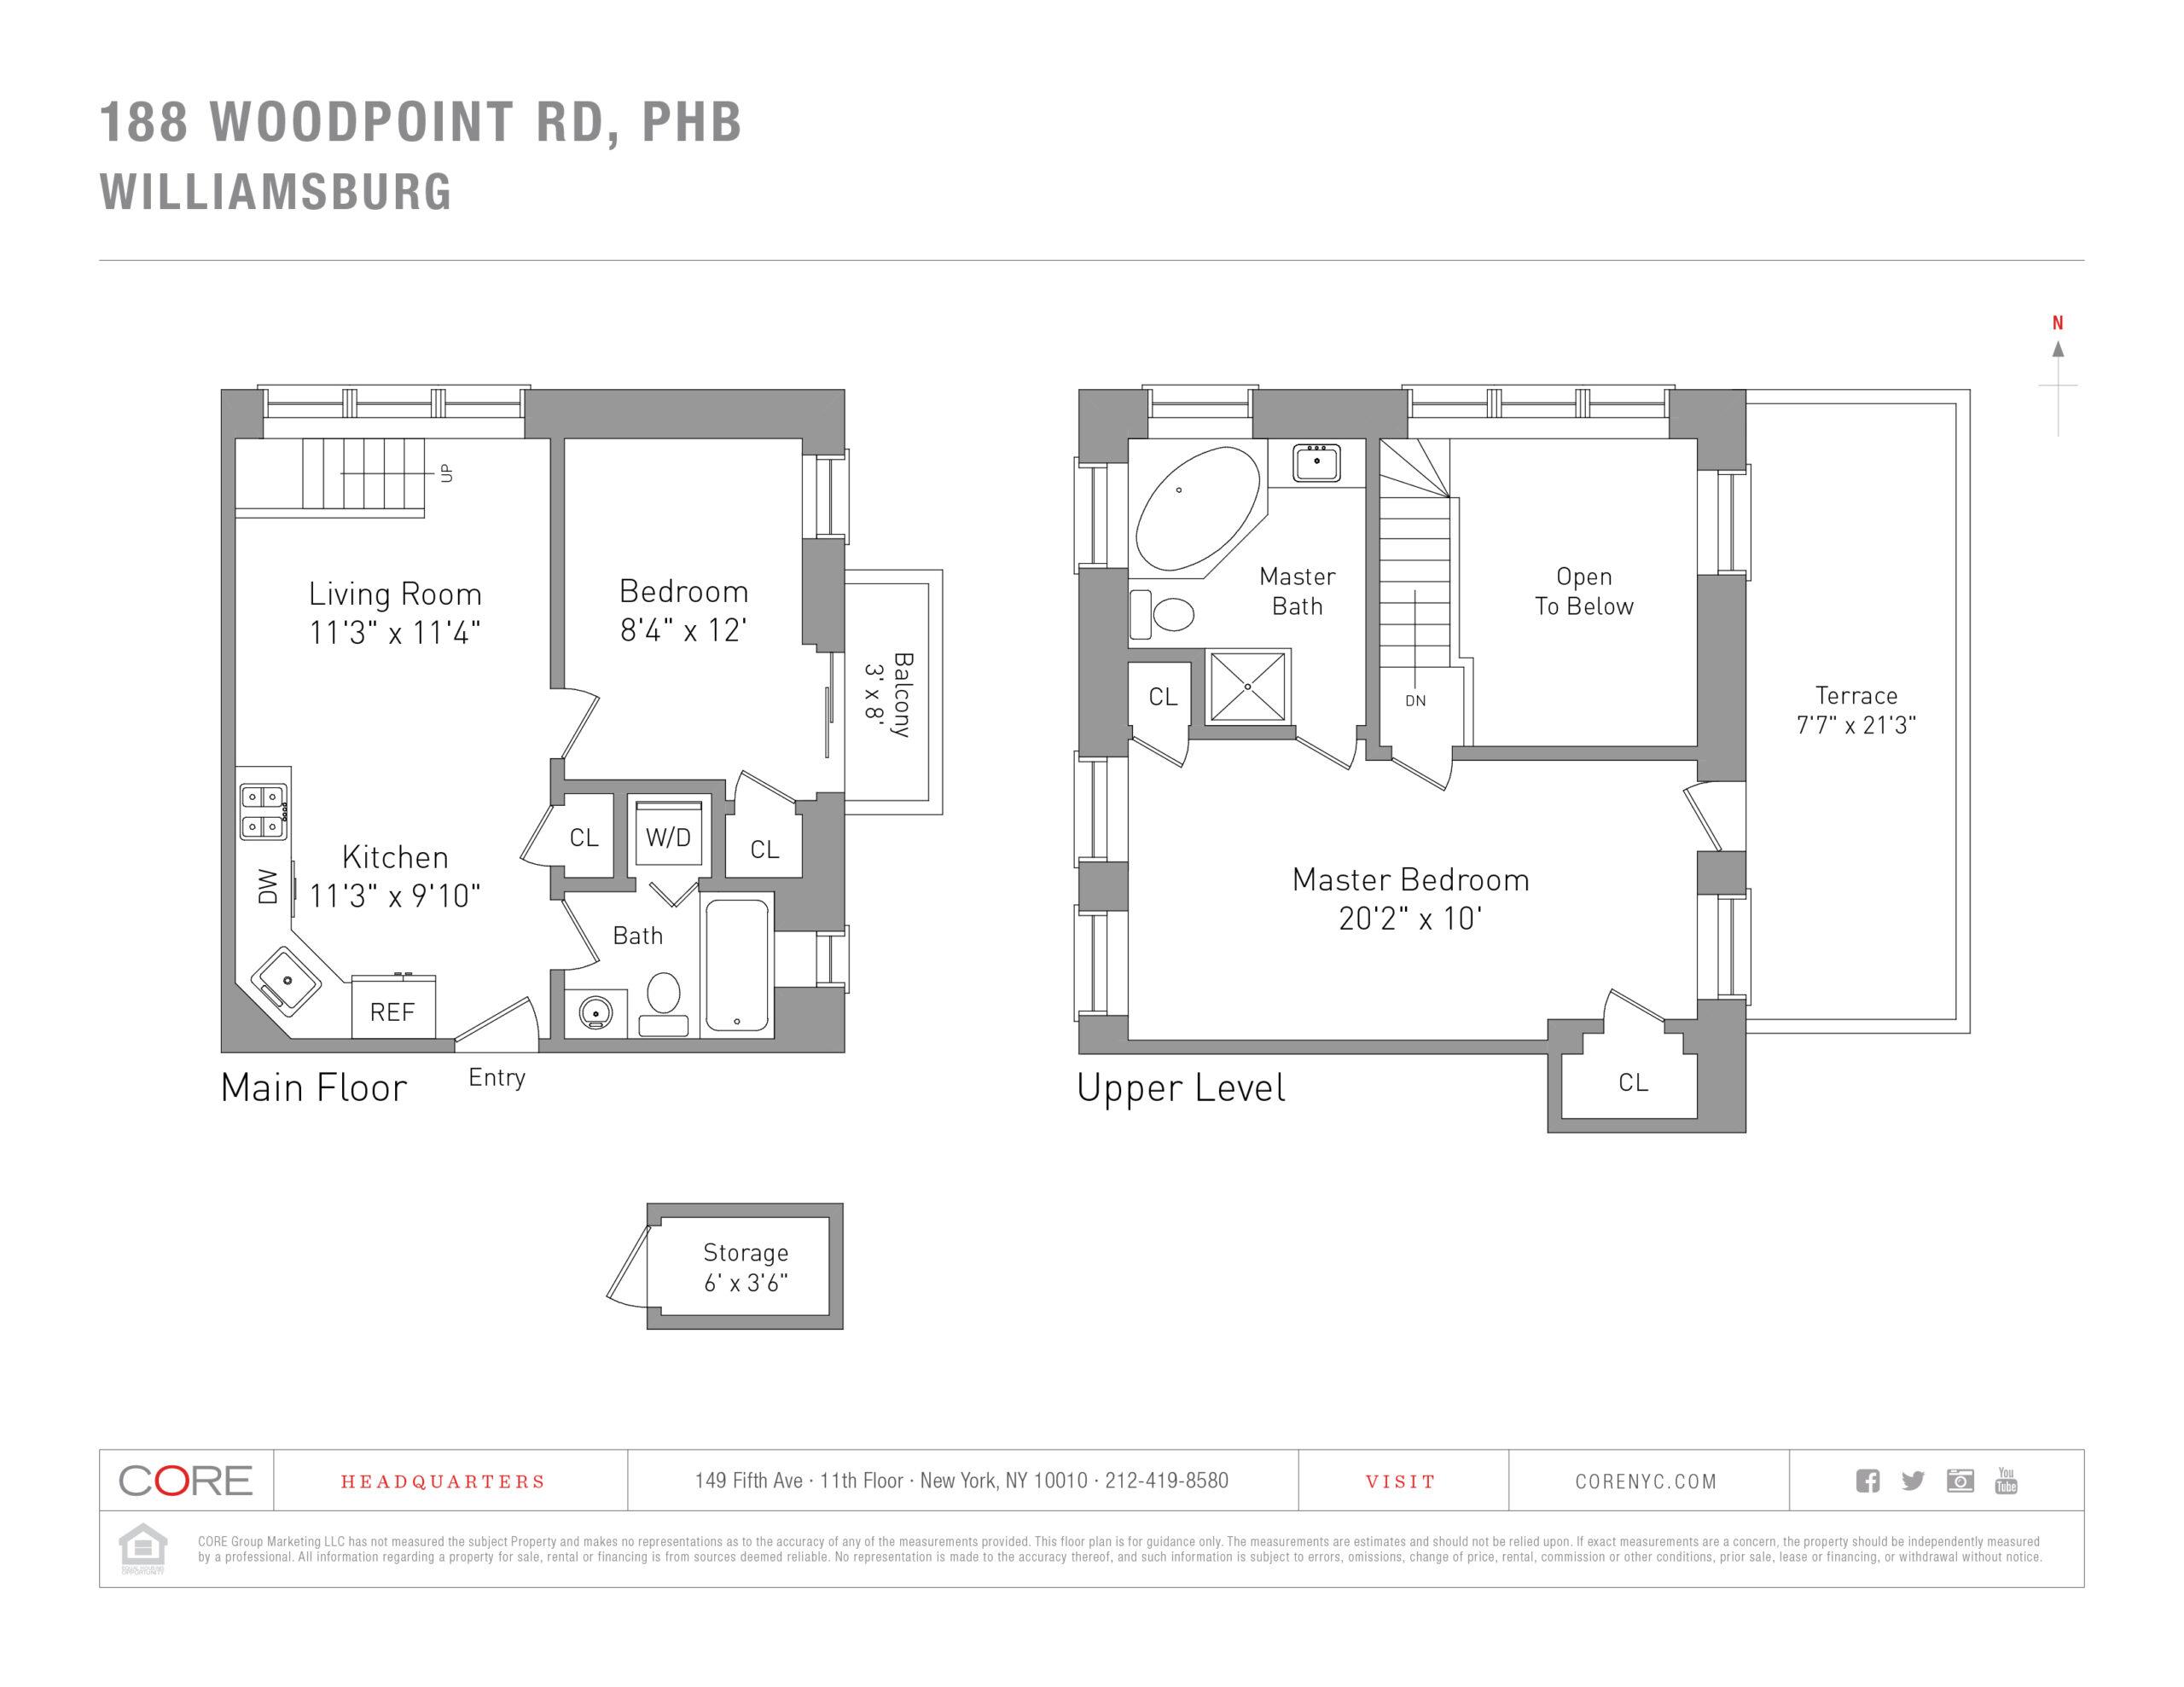 188 Woodpoint Rd. PHB, Brooklyn, NY 11211